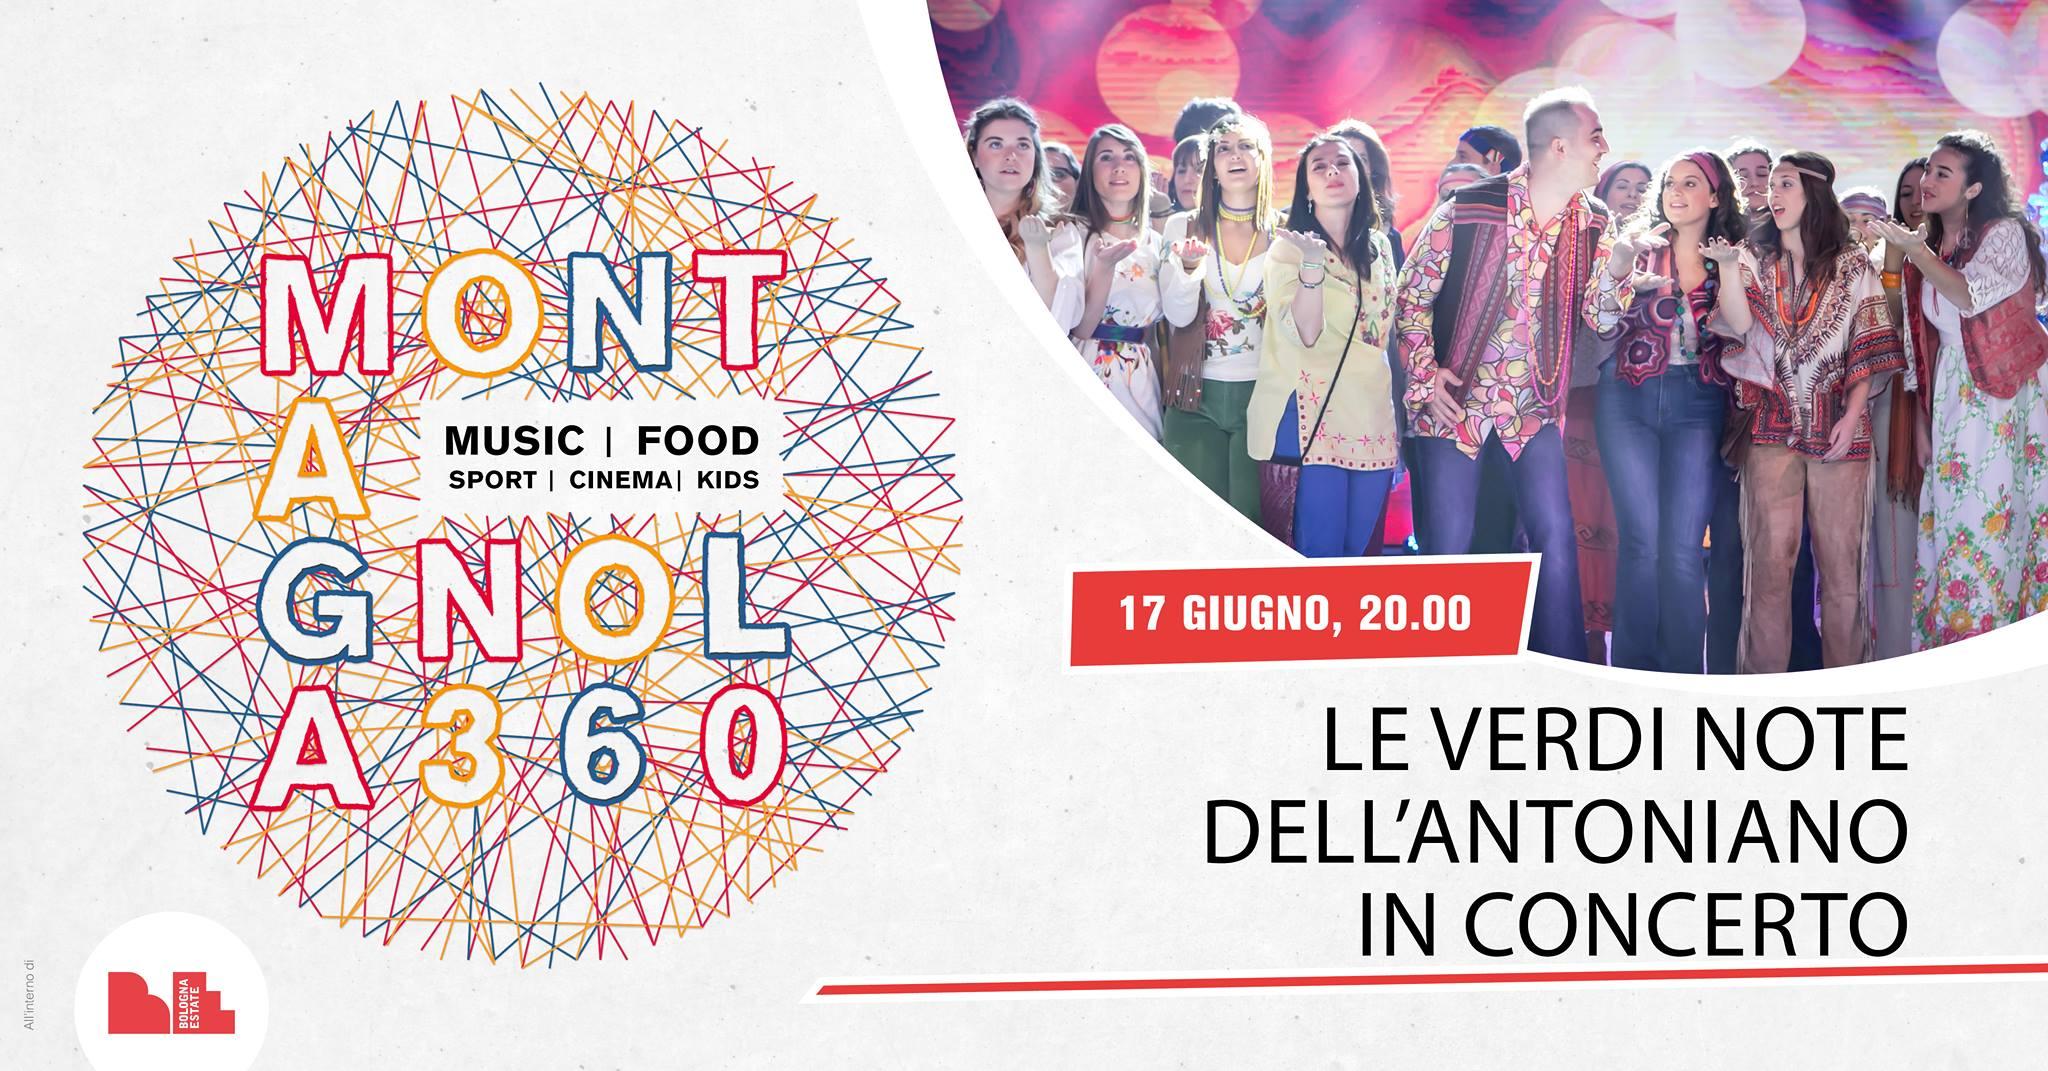 Montagnola 360: Le Verdi Note in concerto!